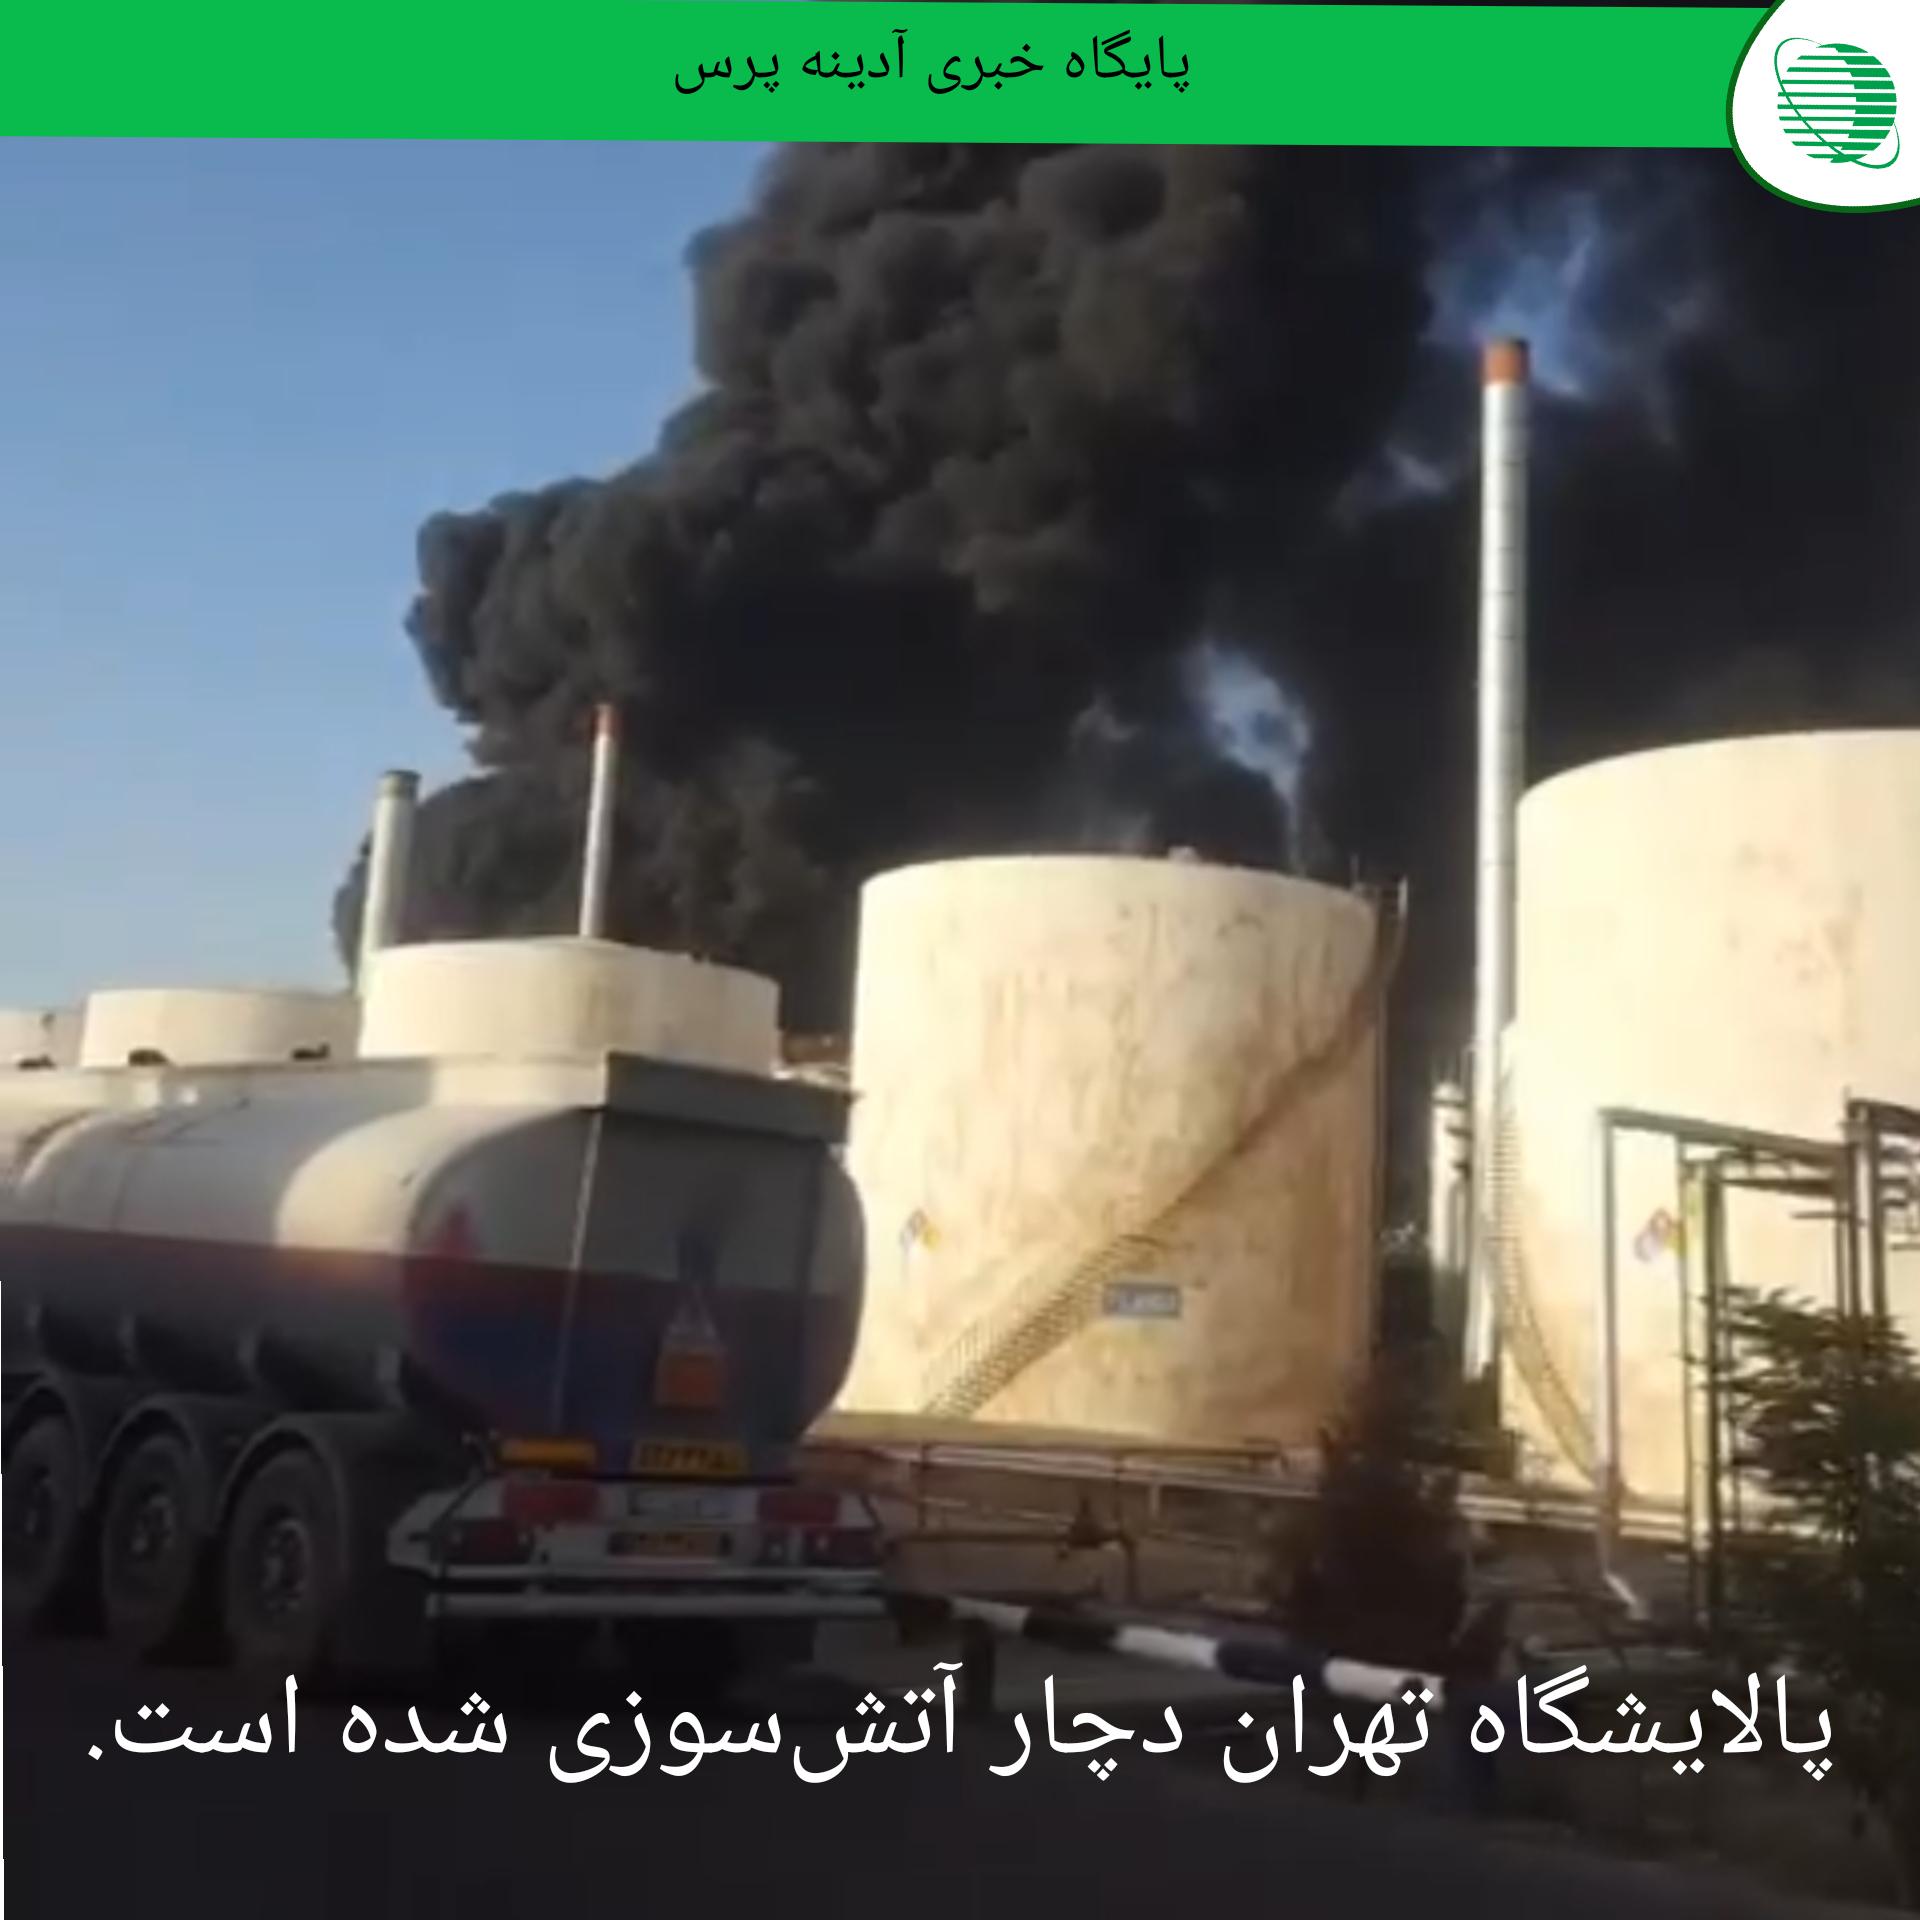 پالایشگاه تهران دچار آتشسوزی شده است + فیلم